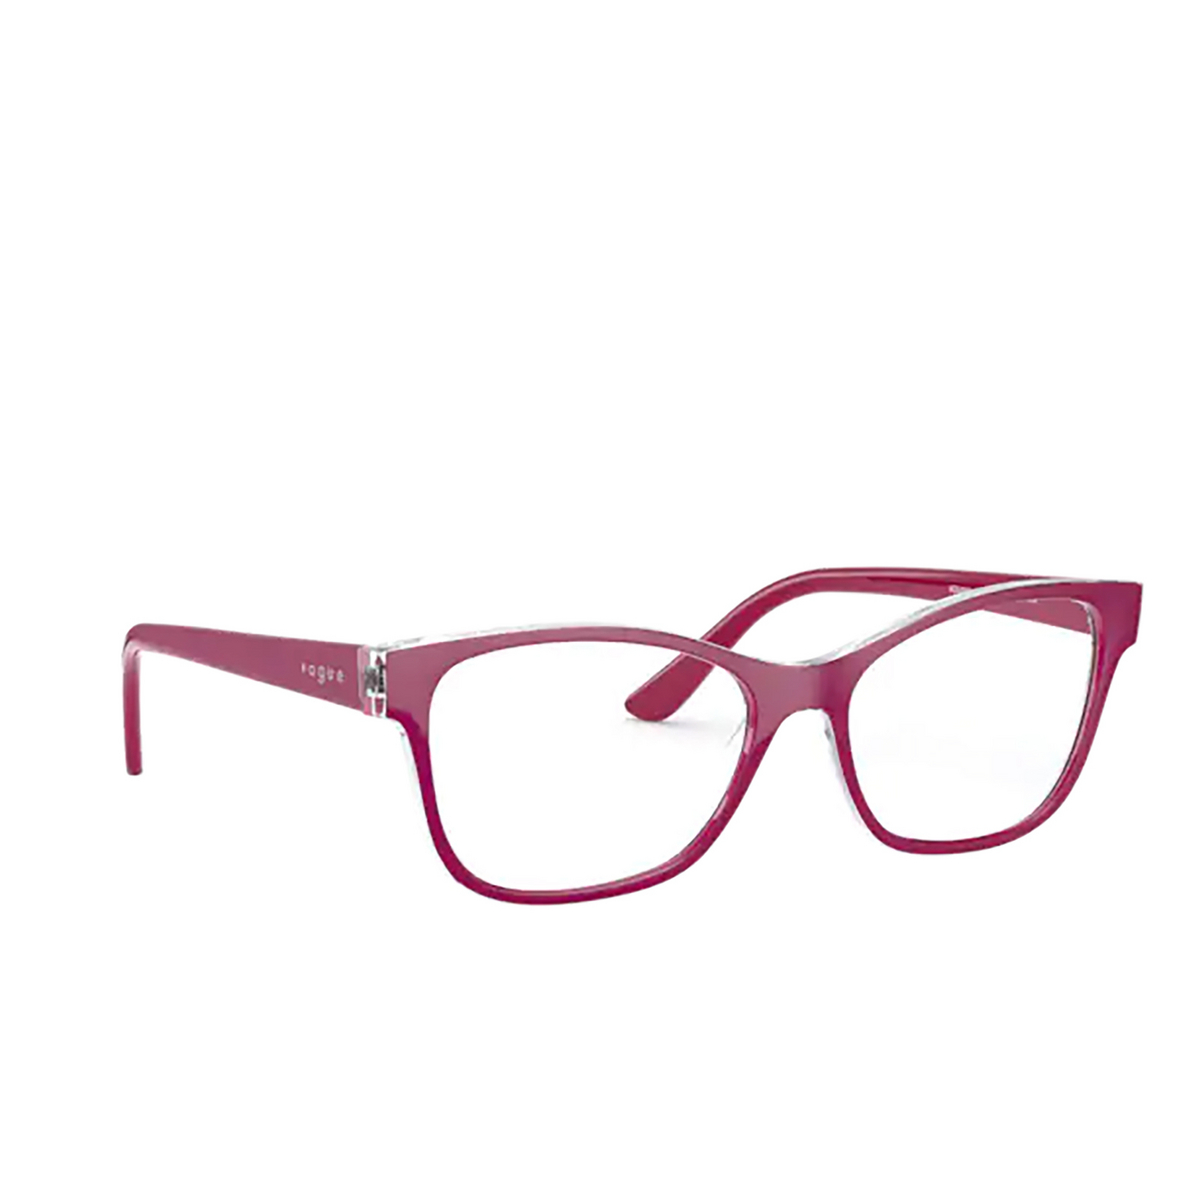 Vogue® Square Eyeglasses: VO5335 color Top Violet / Serigraphy 2840.